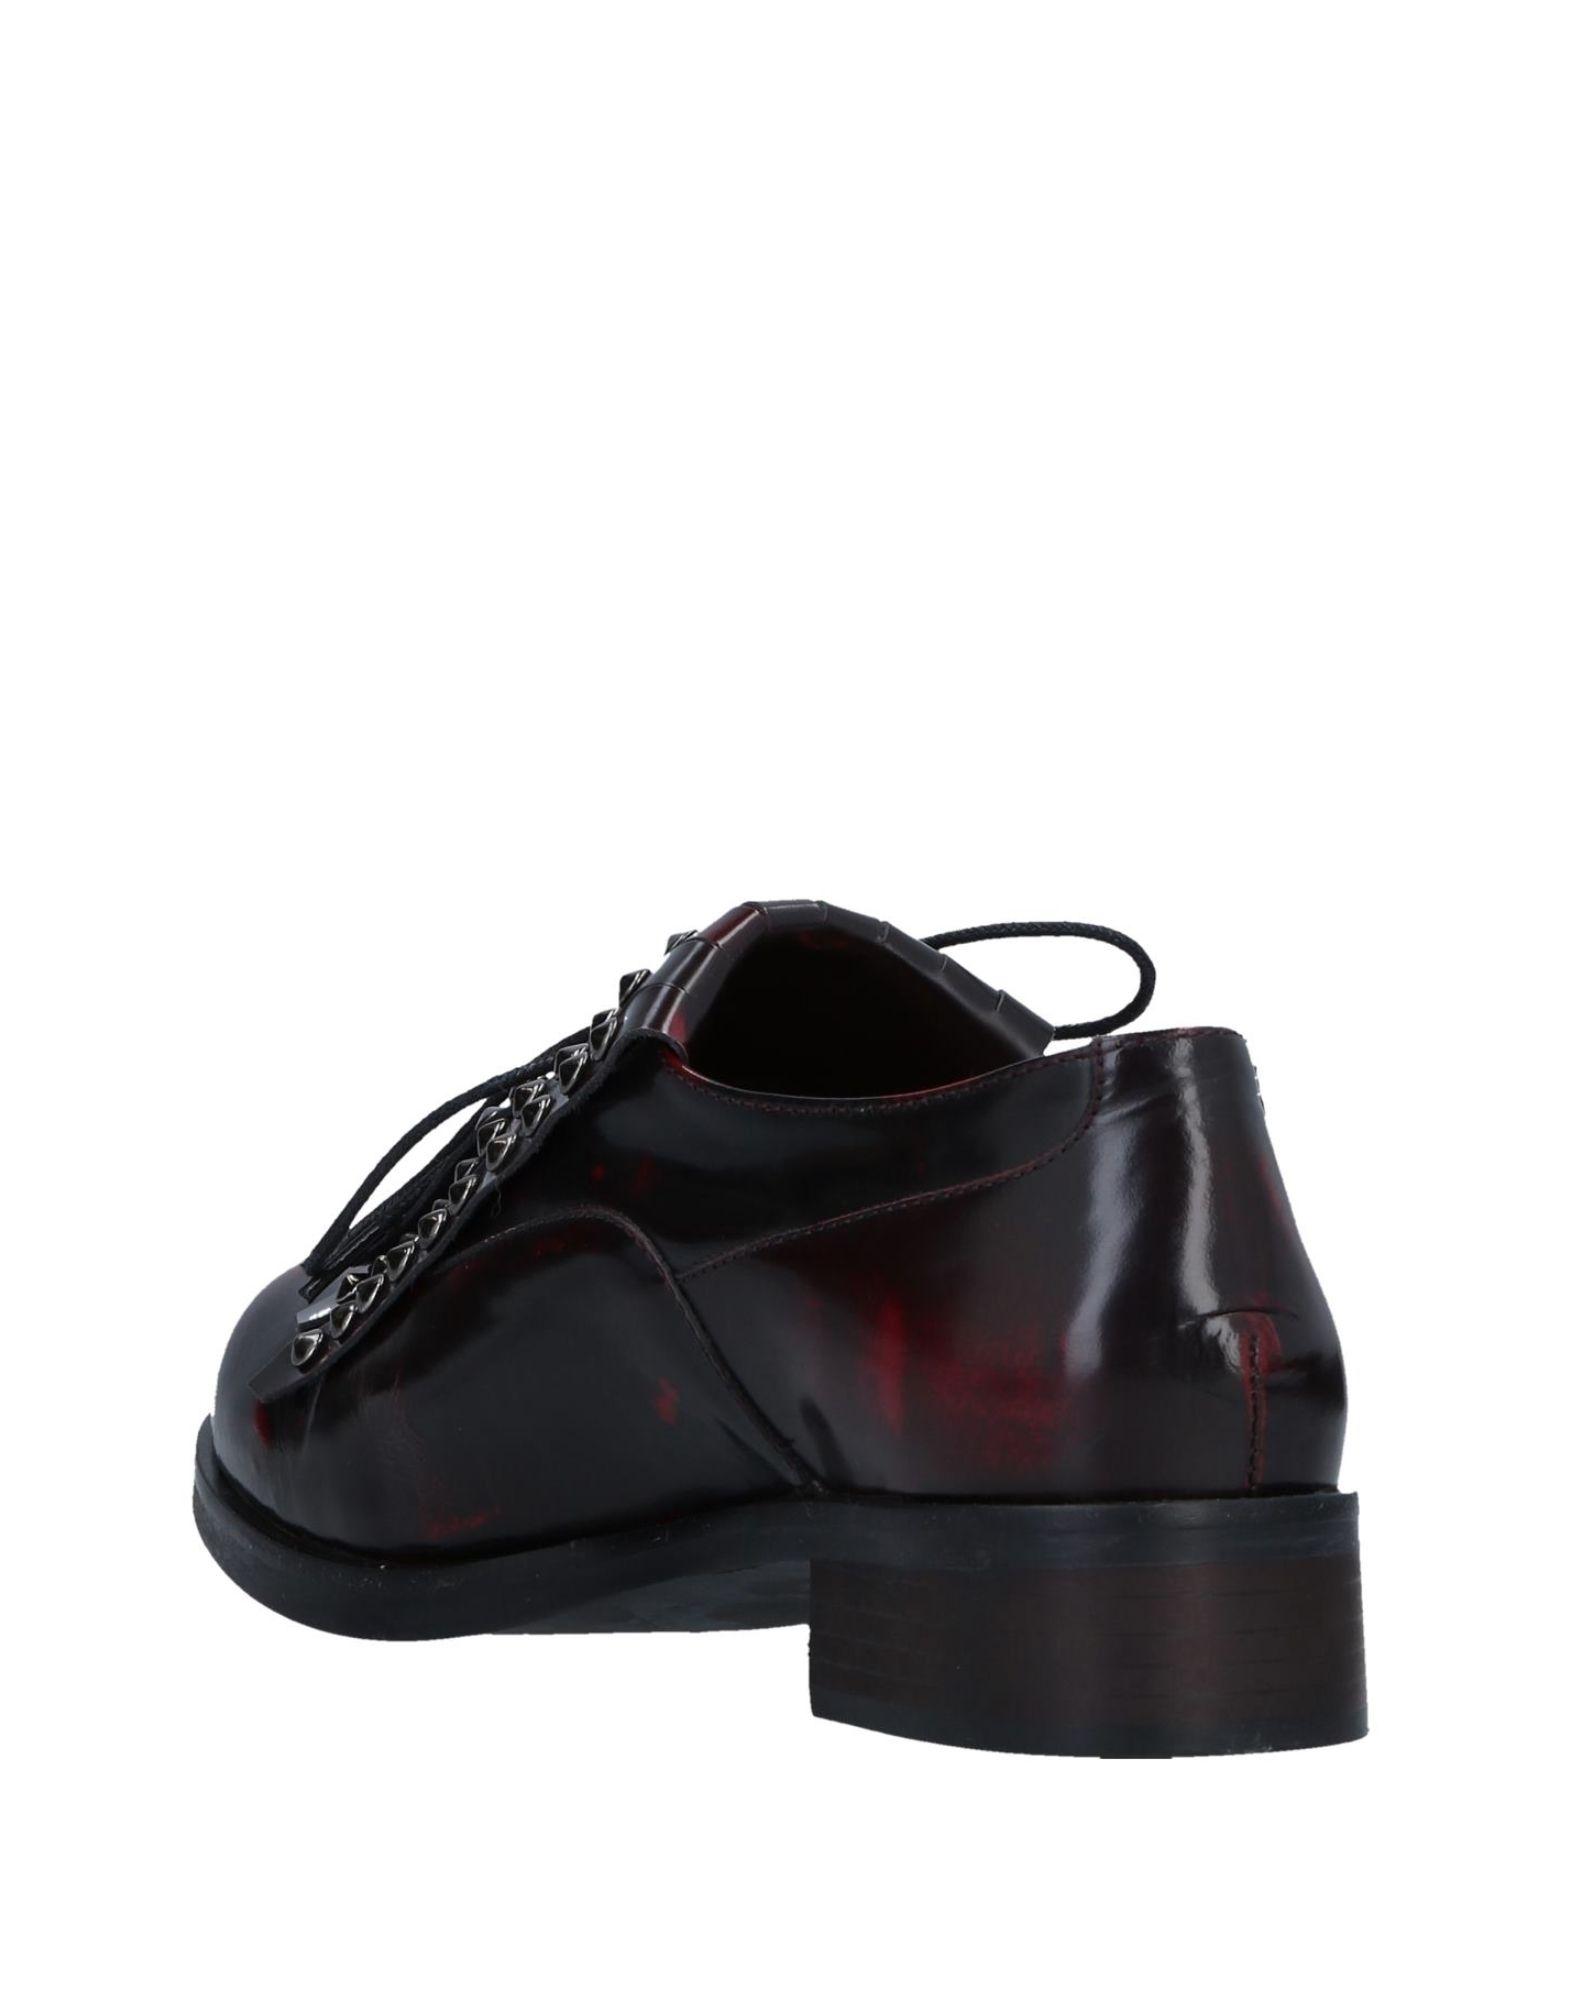 Poesie Veneziane Schnürschuhe Damen  11533450QP Gute Qualität beliebte Schuhe